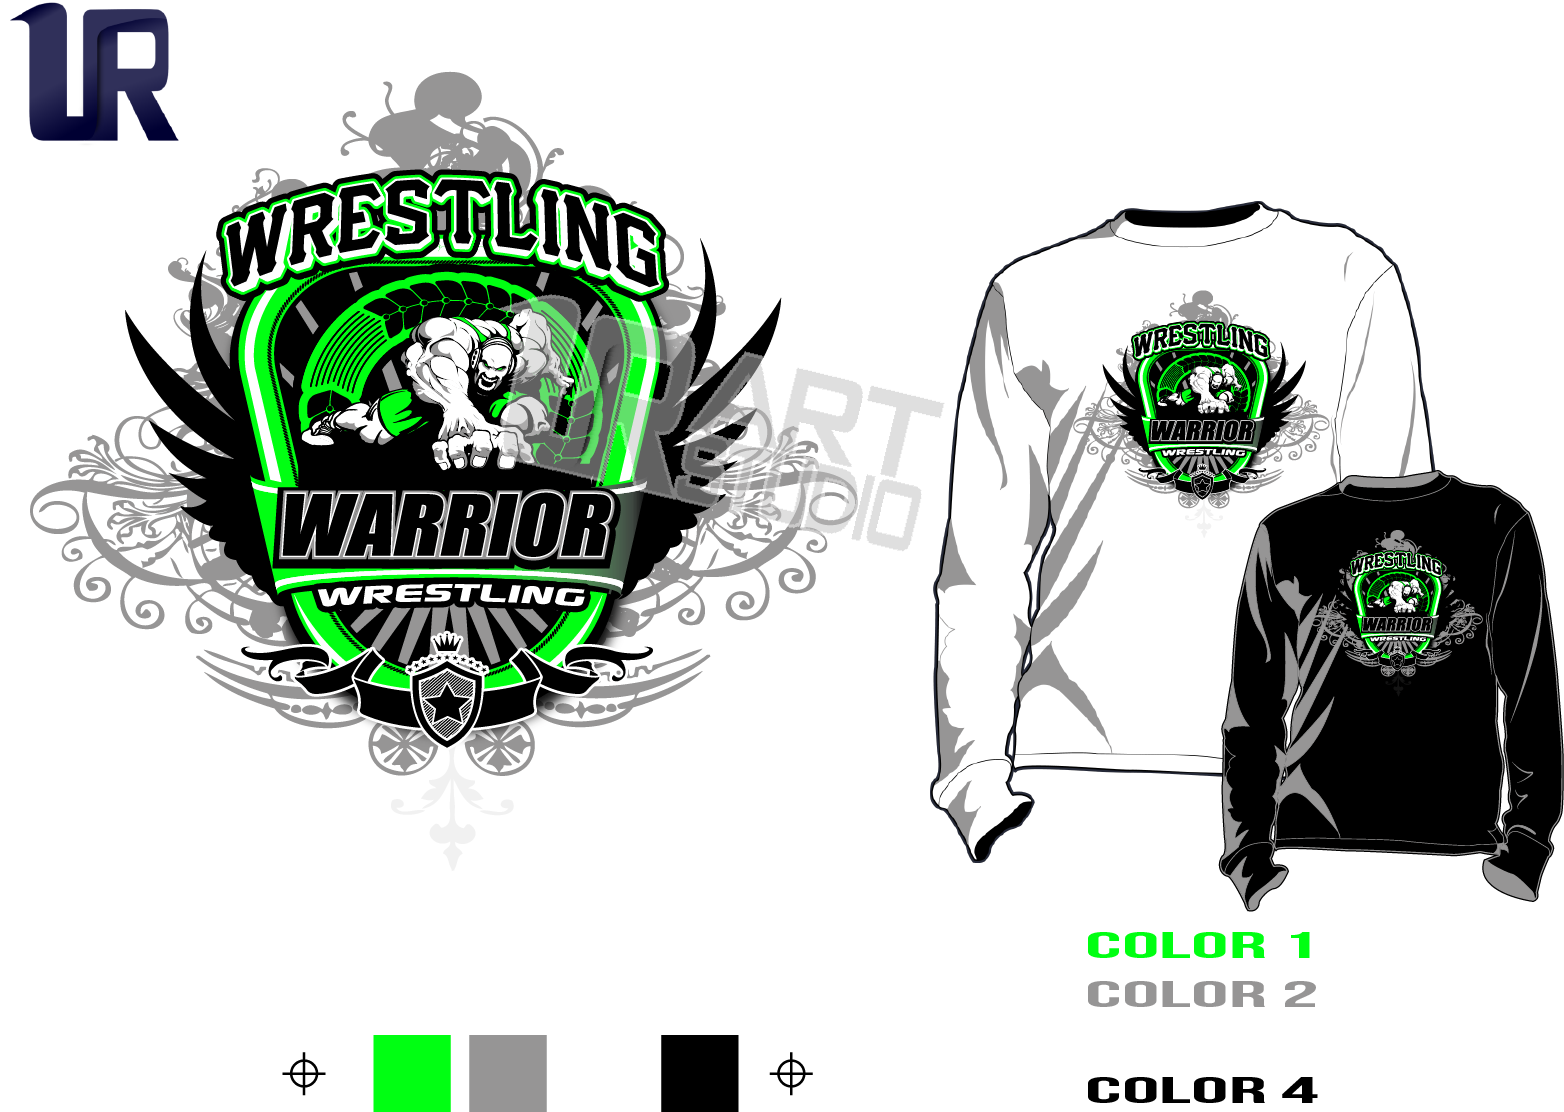 Creative custom apparel logo design portfolio samples ur for Wrestling tournament t shirt designs